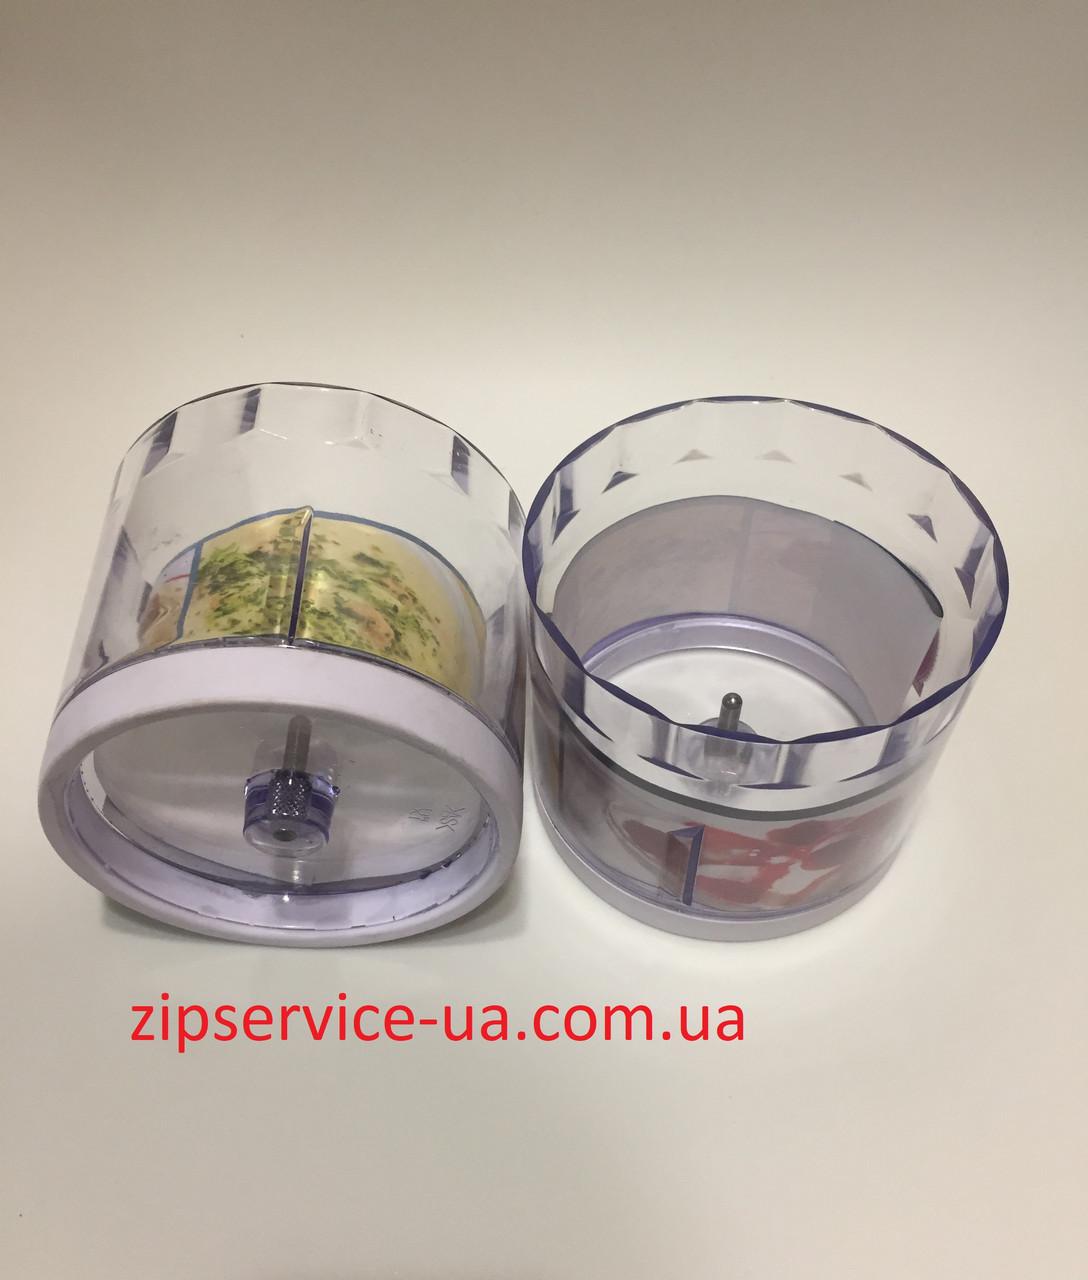 Чаша для блендера Saturn st-fp9064